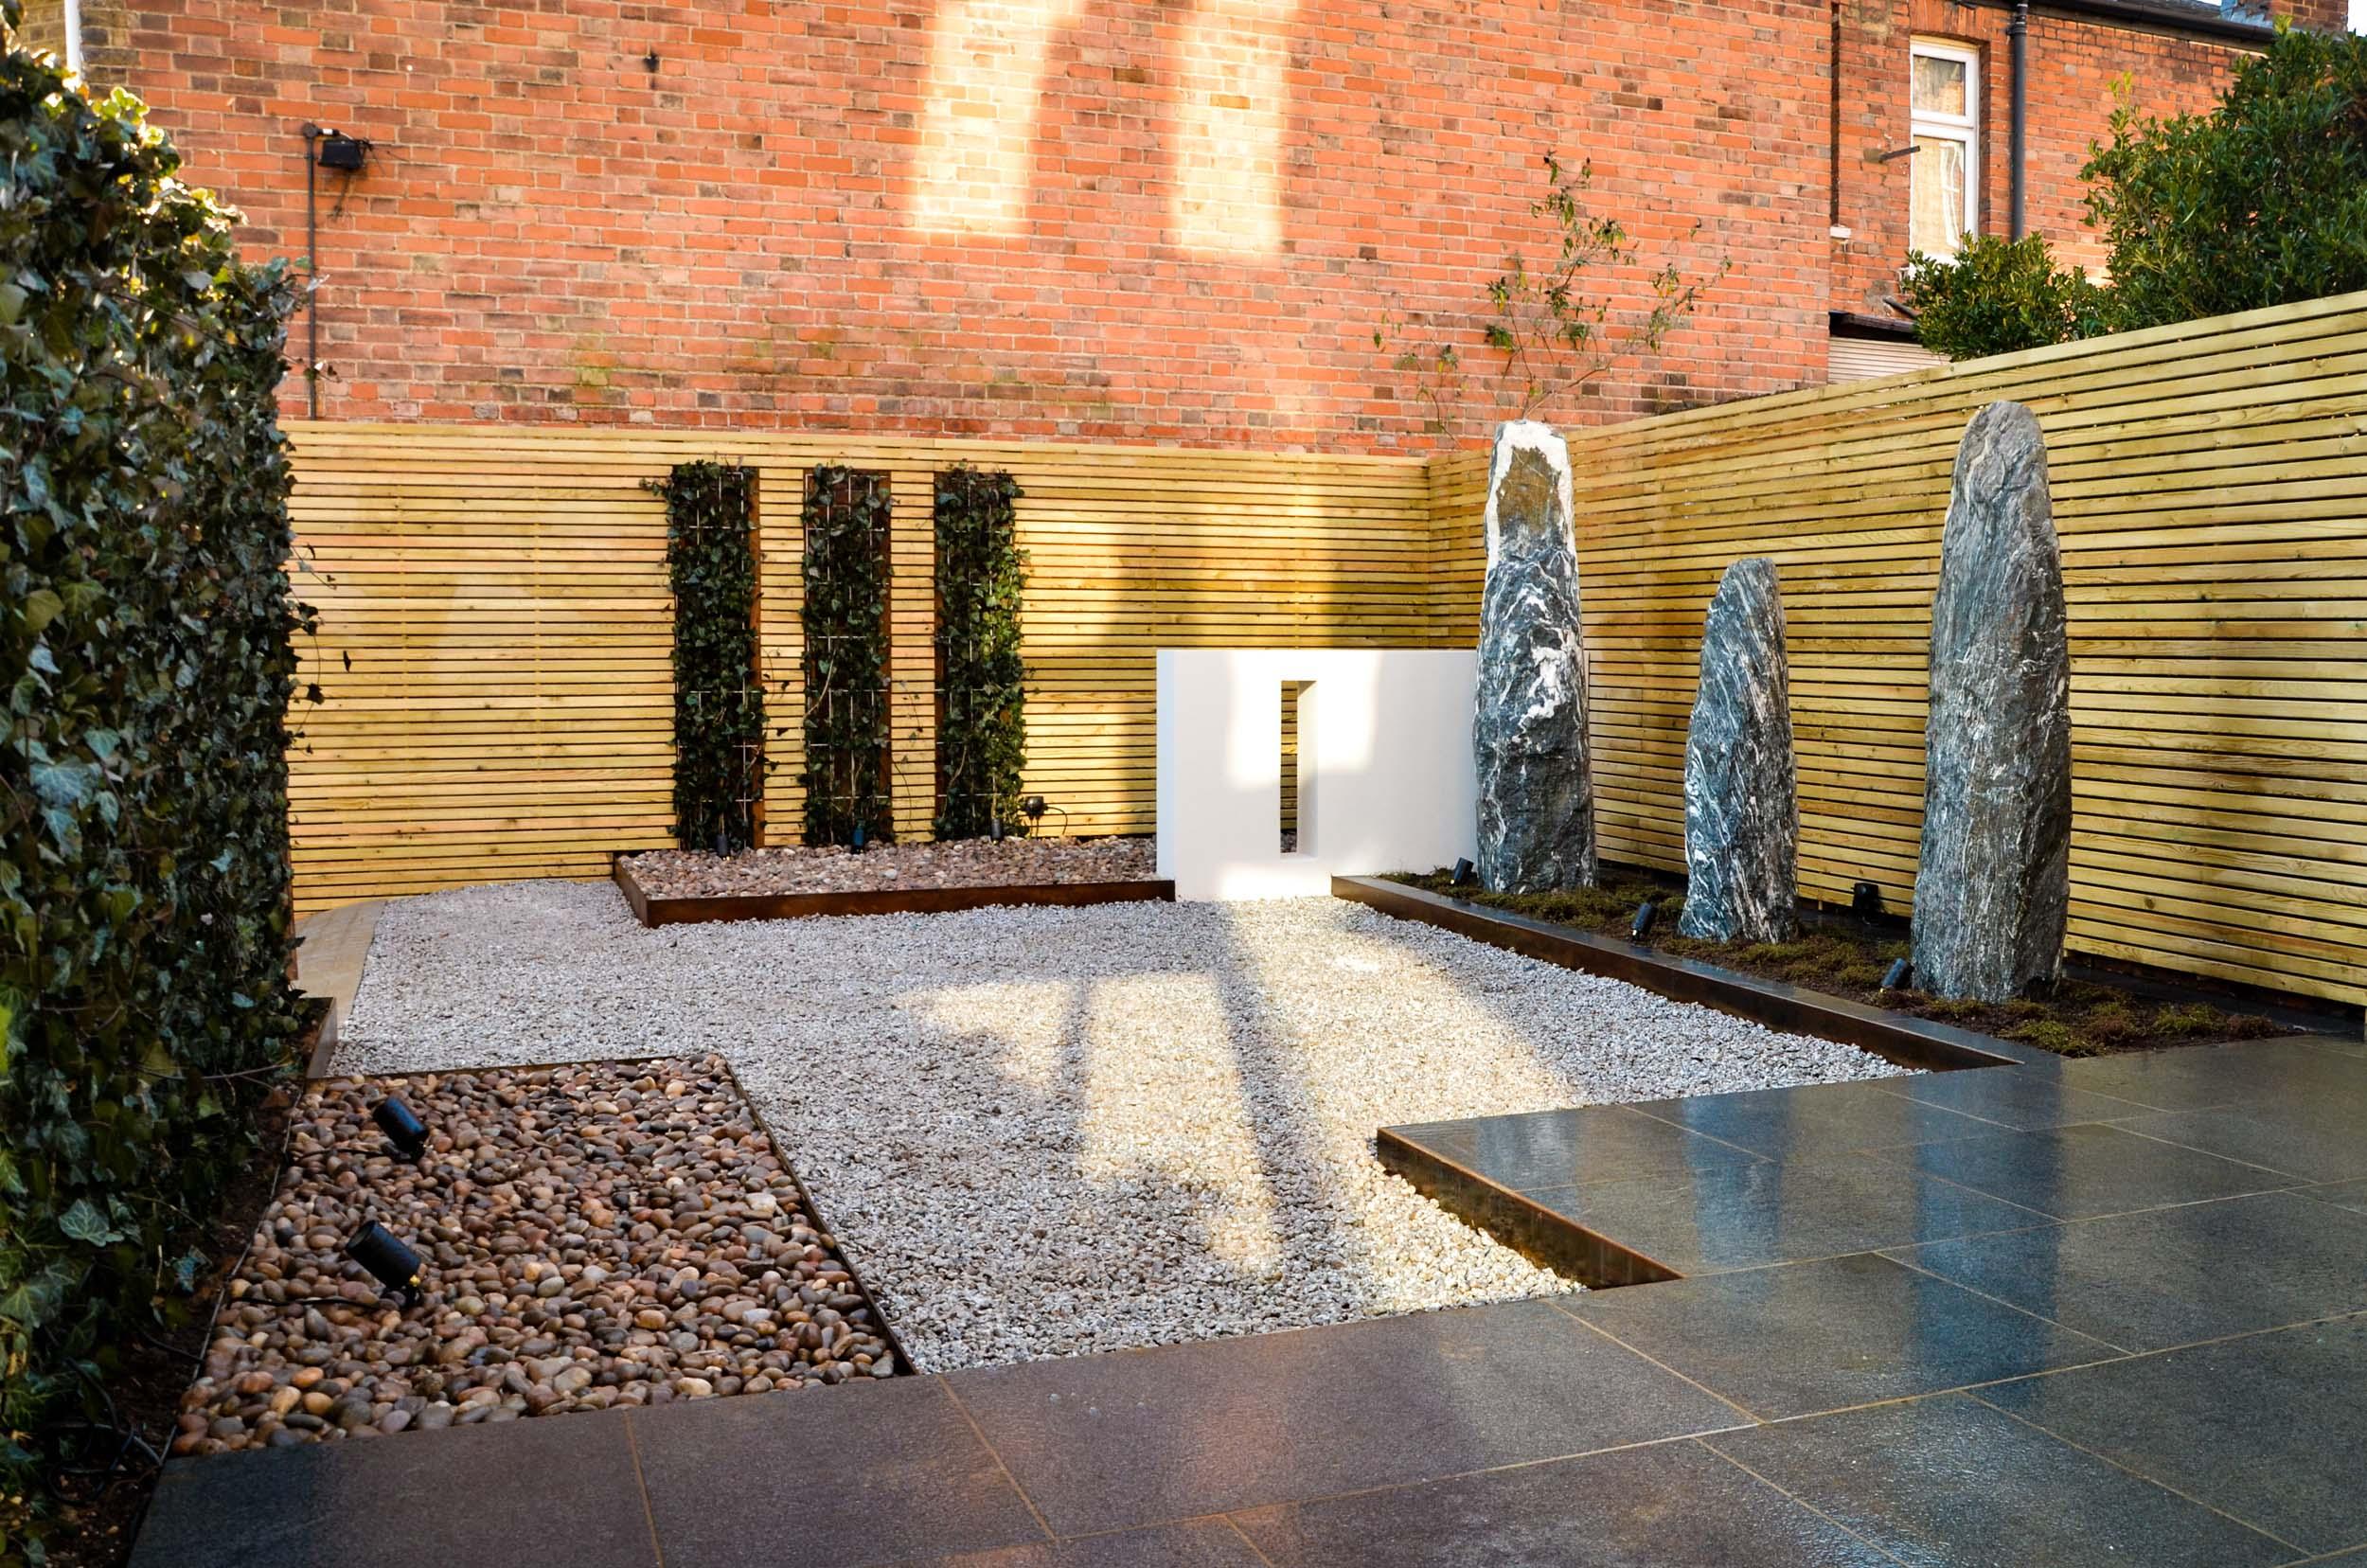 Azara-landscapes-queens-park-minimalist-garden-4.jpg